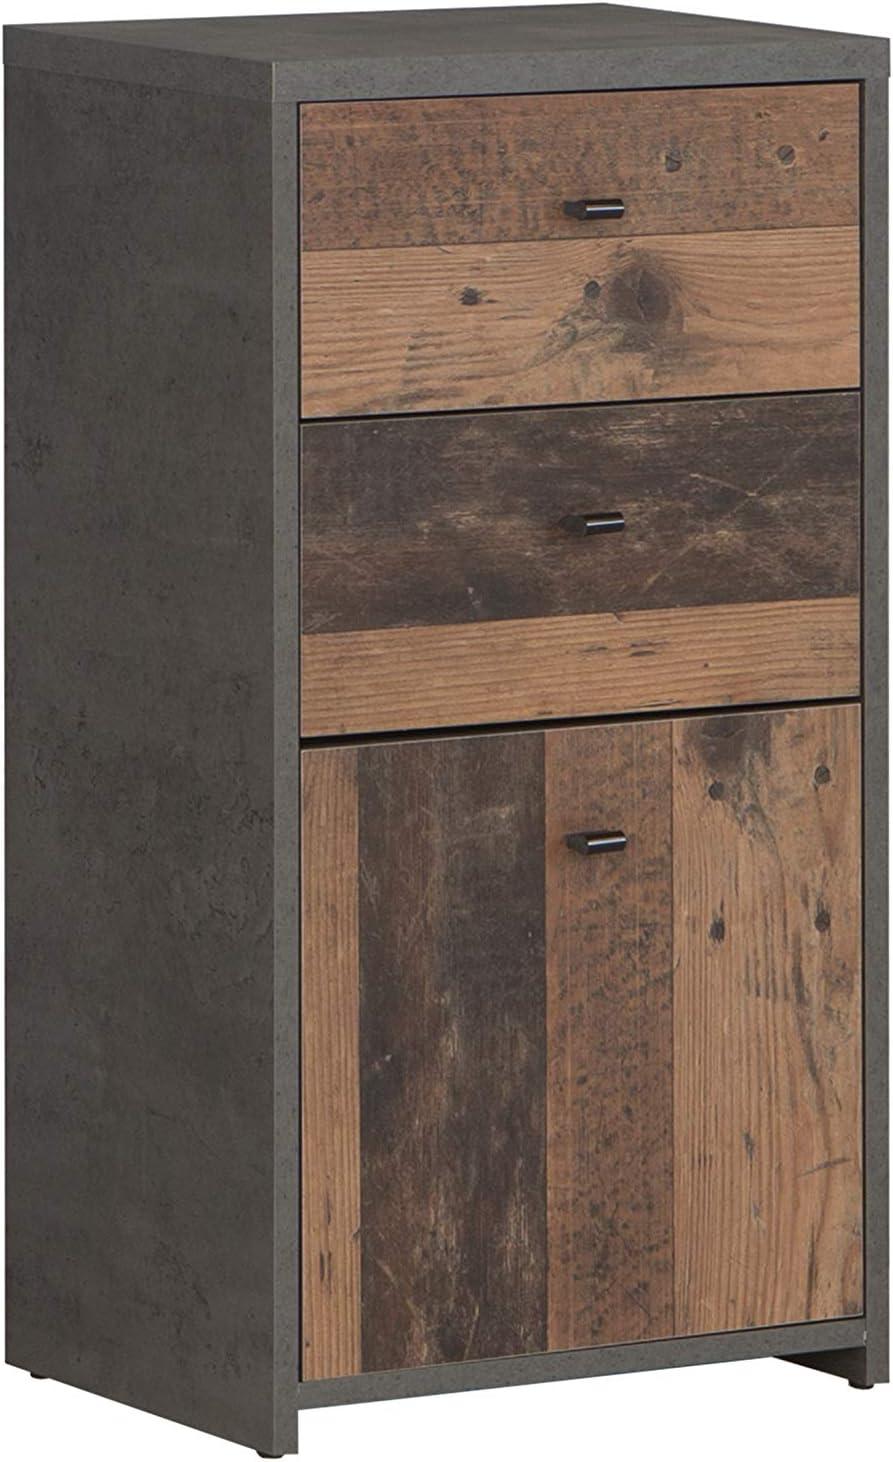 Forte Cómoda con 1 Puerta y 2 cajones en una Moderna combinación de Colores Antiguos, Aspecto de hormigón, Tabla de Madera aglomerada, 40,3 cm x 77,5 cm x 29,6 cm